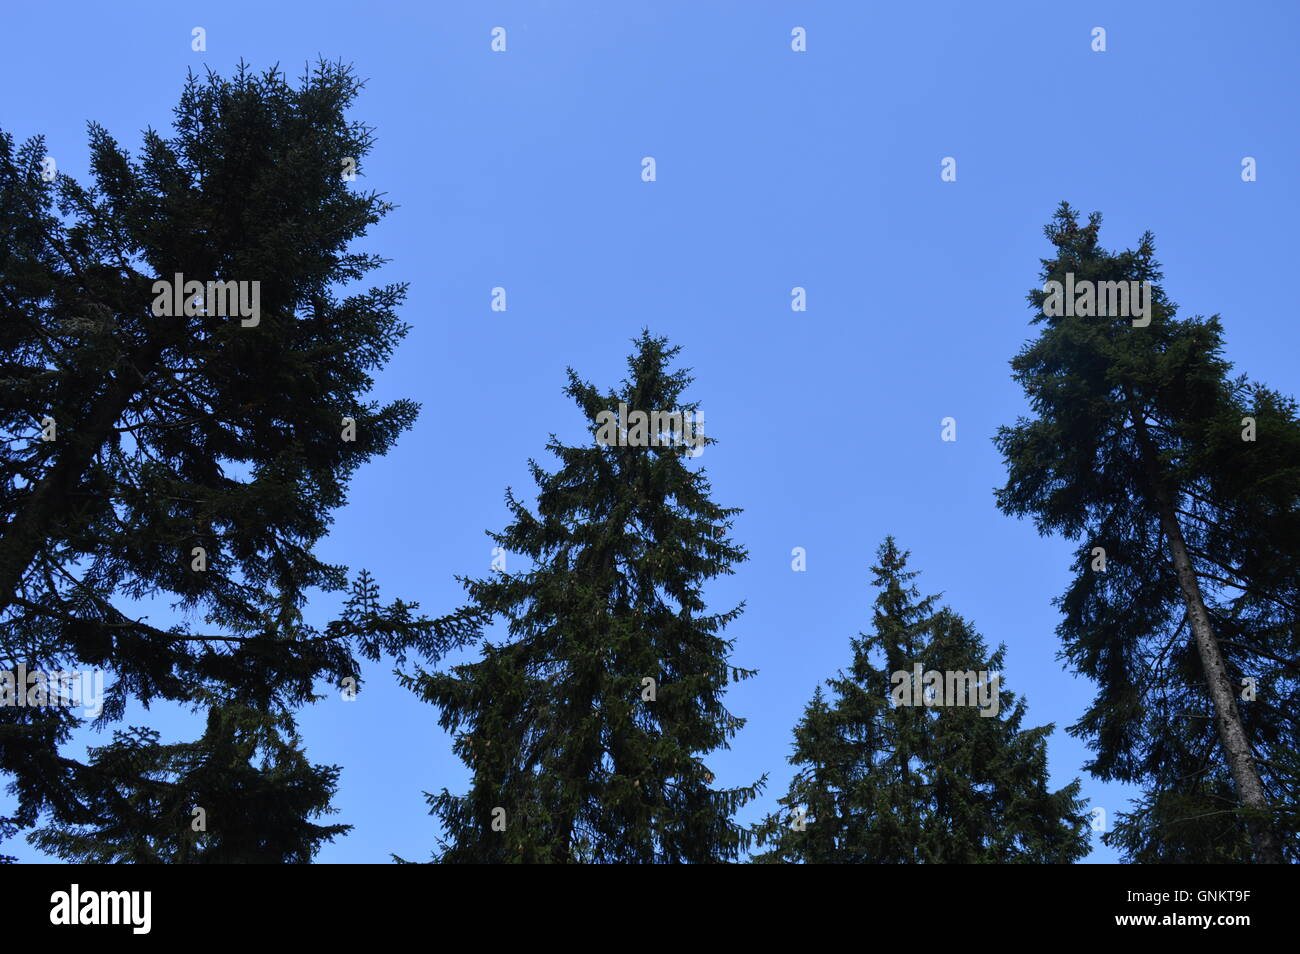 El azul claro del cielo detrás de las copas de los árboles Imagen De Stock